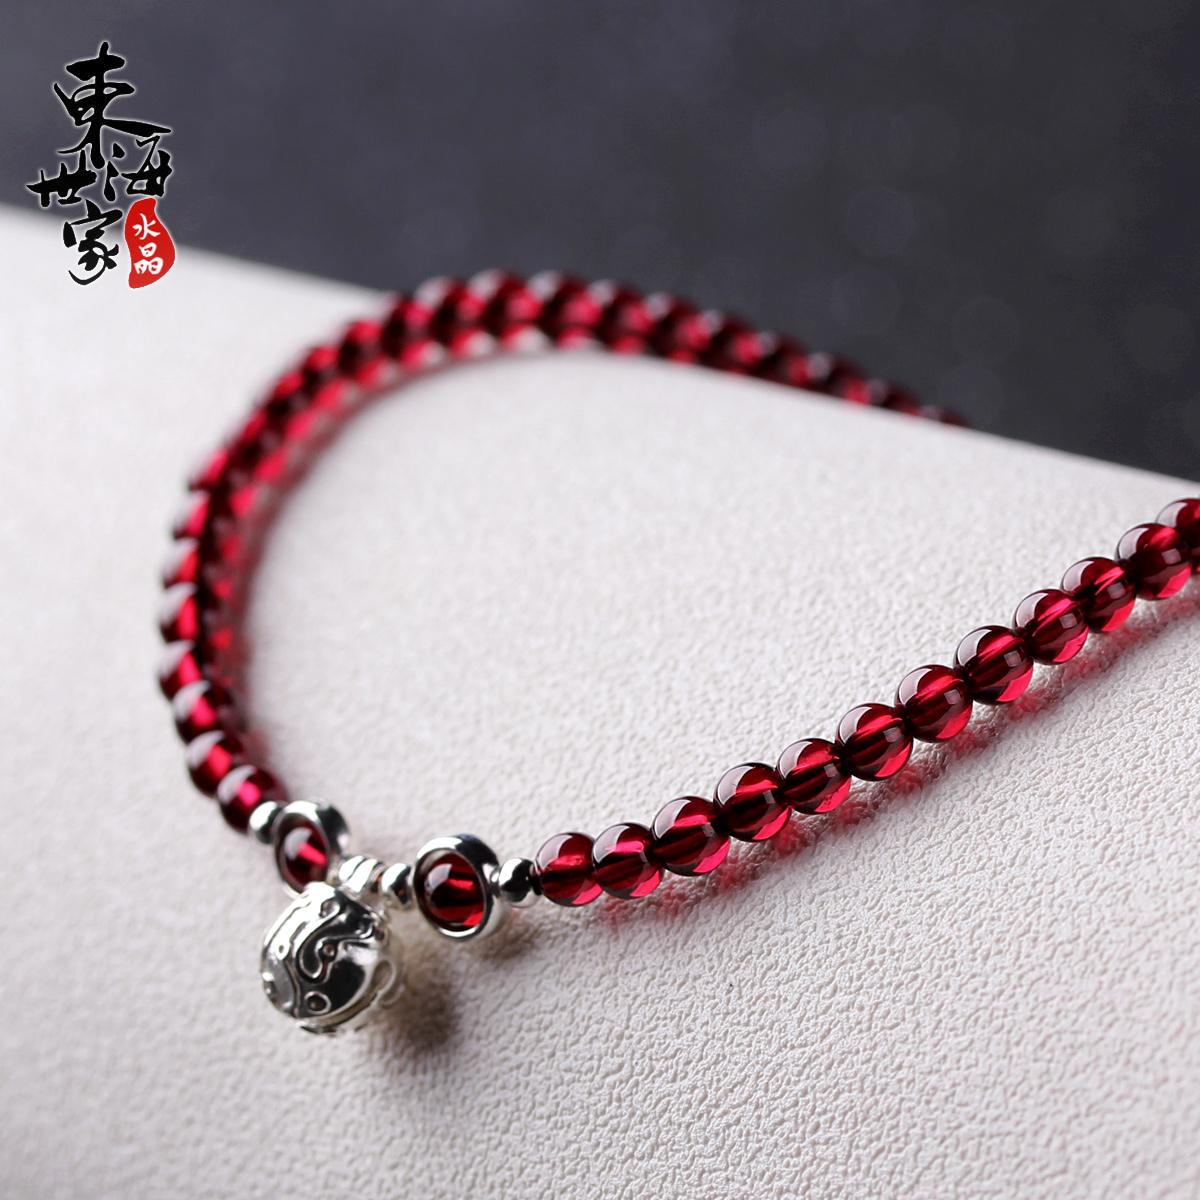 Donghai gia đình garnet vòng chân nữ 925 bạc chuông pha lê vòng chân trang sức quà tặng để gửi bạn gái